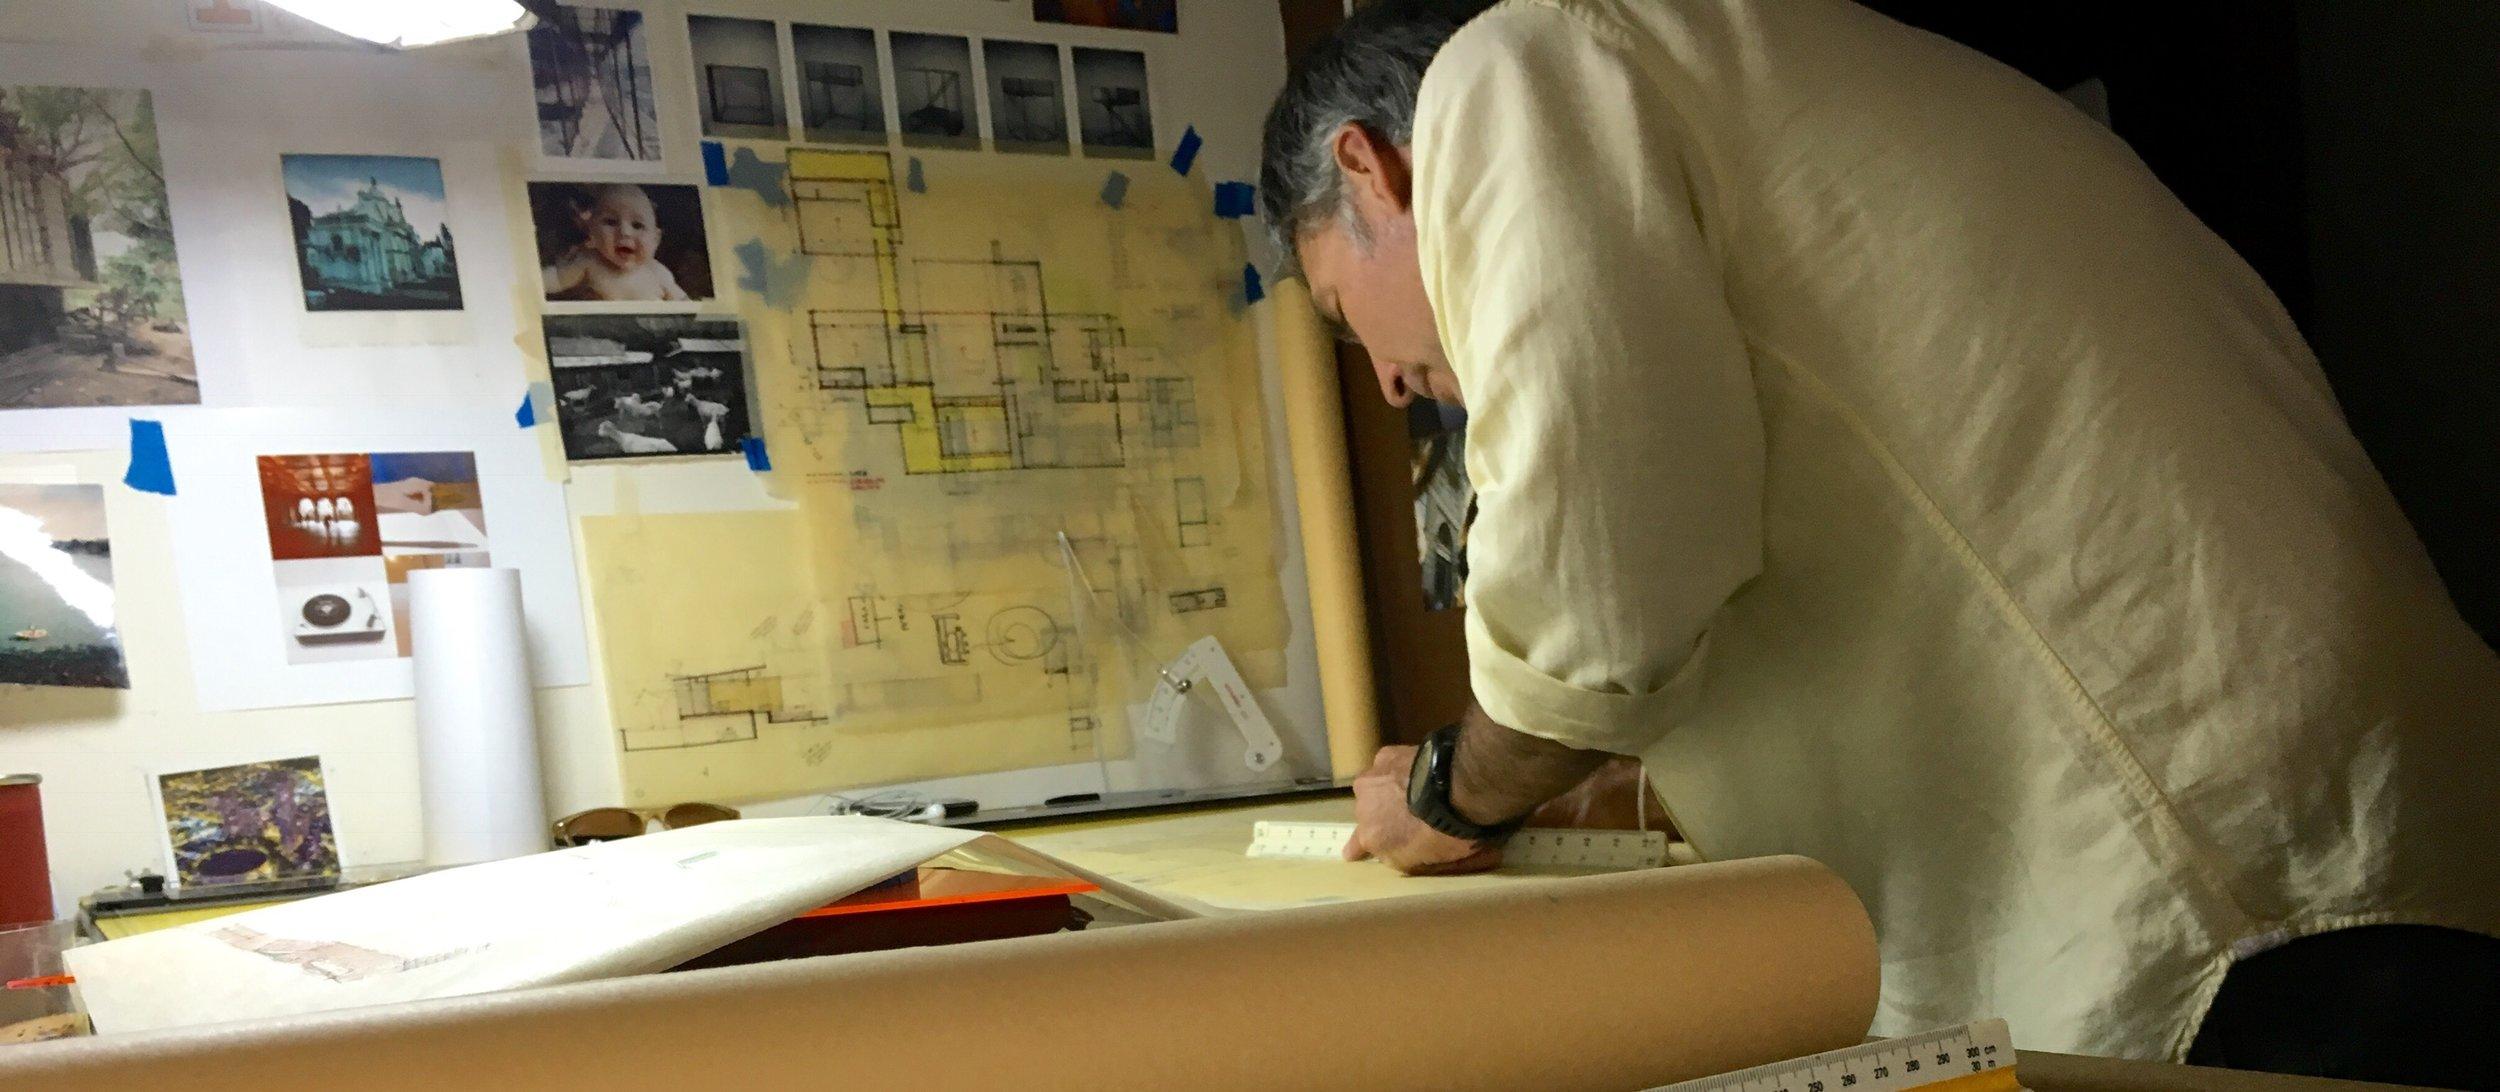 Arq.Javier Cristiani   - Arquitecto Director  Graduado de la Escuela de Arquitectura de la Universidad de Tulane, Nuevo Orleans, con post-grado en Diseño Industrial de Parsons School of Design en Nueva York.